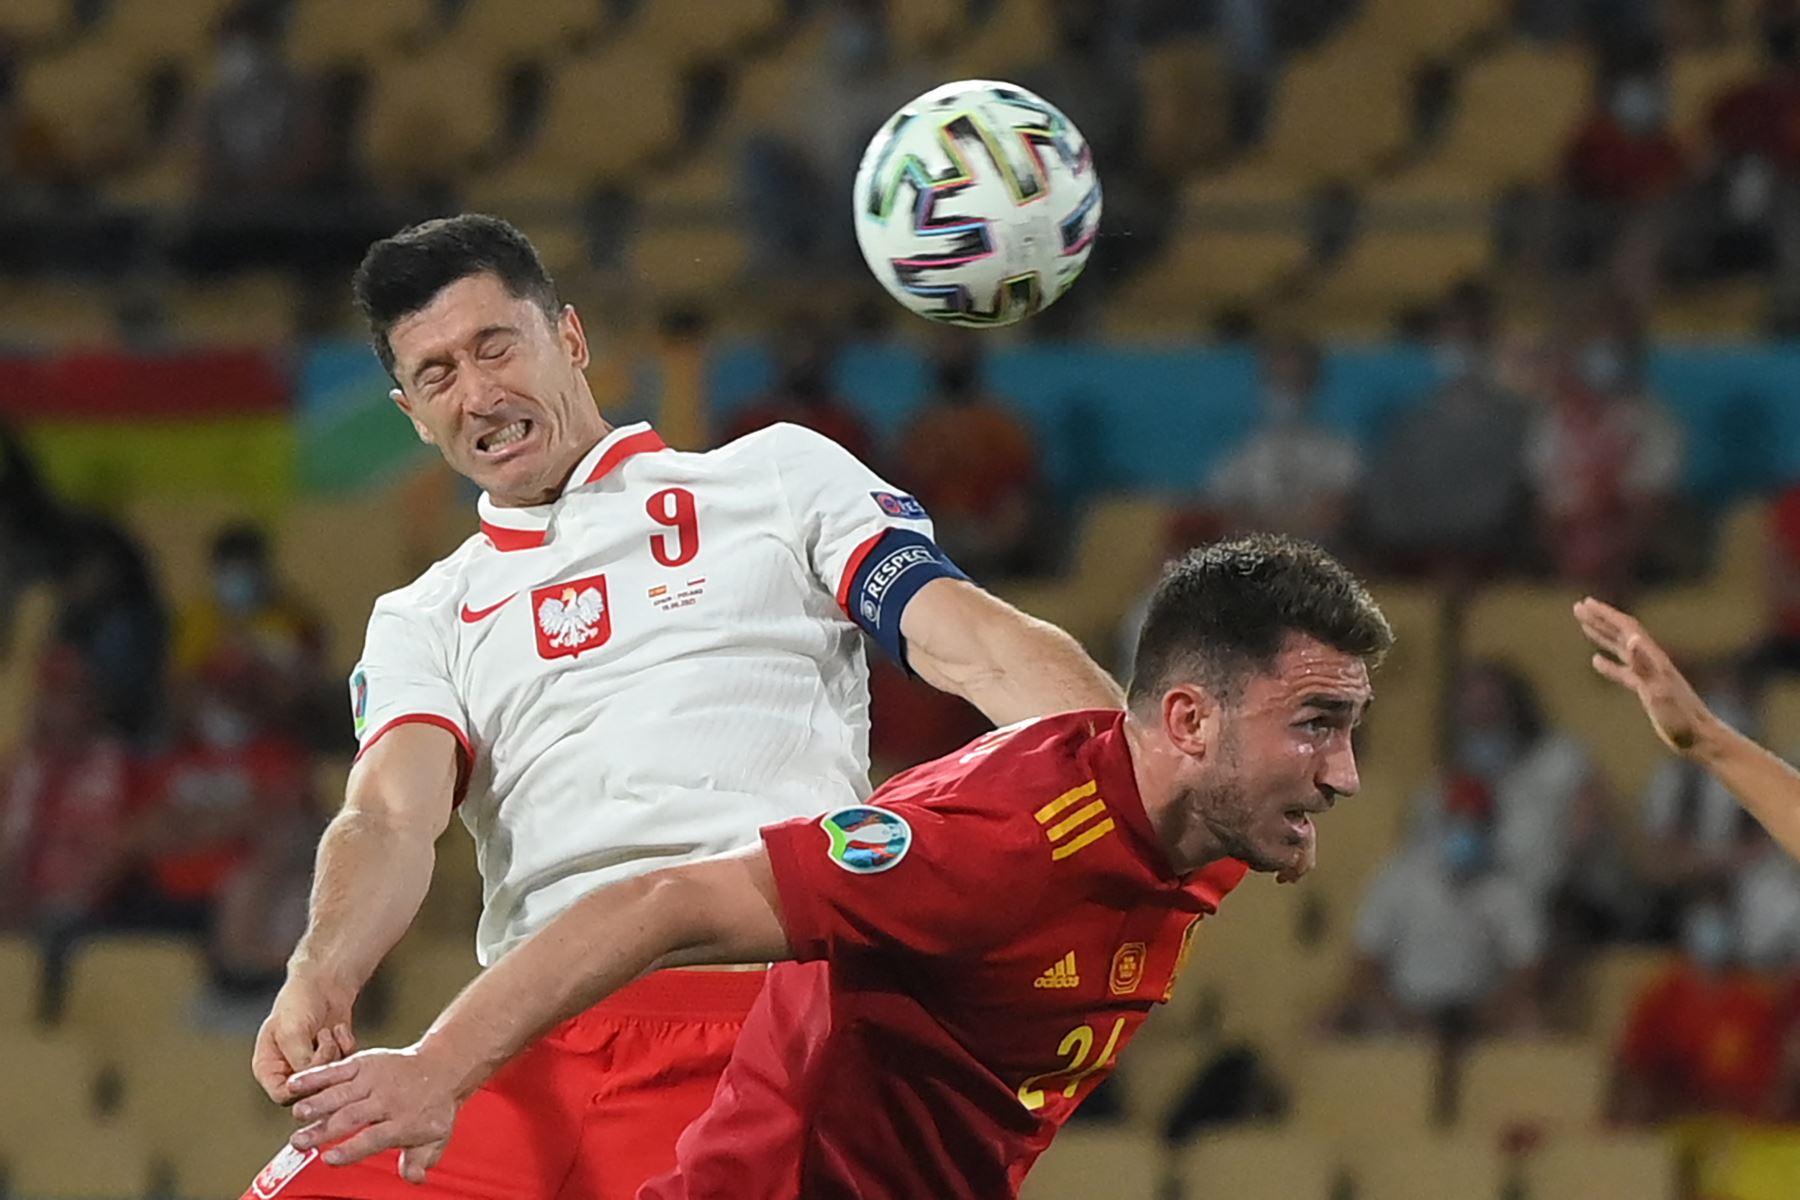 El delantero polaco Robert Lewandowski (L) cabecea el balón sobre el defensor español Aymeric Laporte para marcar el empate durante el partido de fútbol del Grupo E de la UEFA EURO 2020 entre España y Polonia en el Estadio La Cartuja en Sevilla, España. Foto: AFP